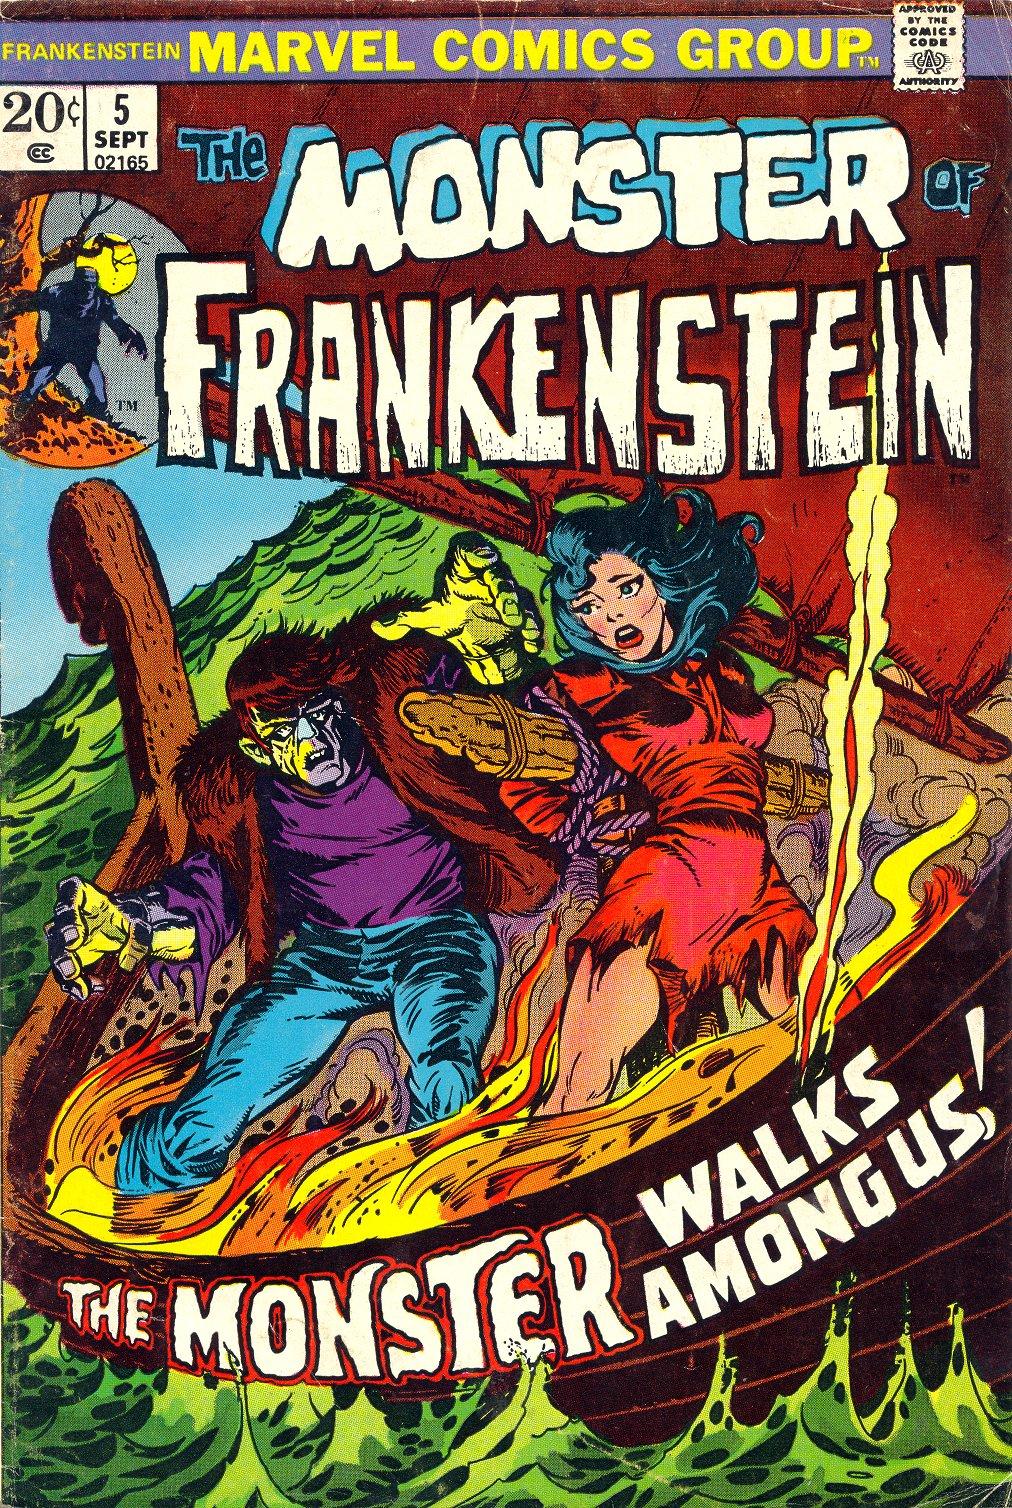 Frankenstein (1973) issue 5 - Page 1